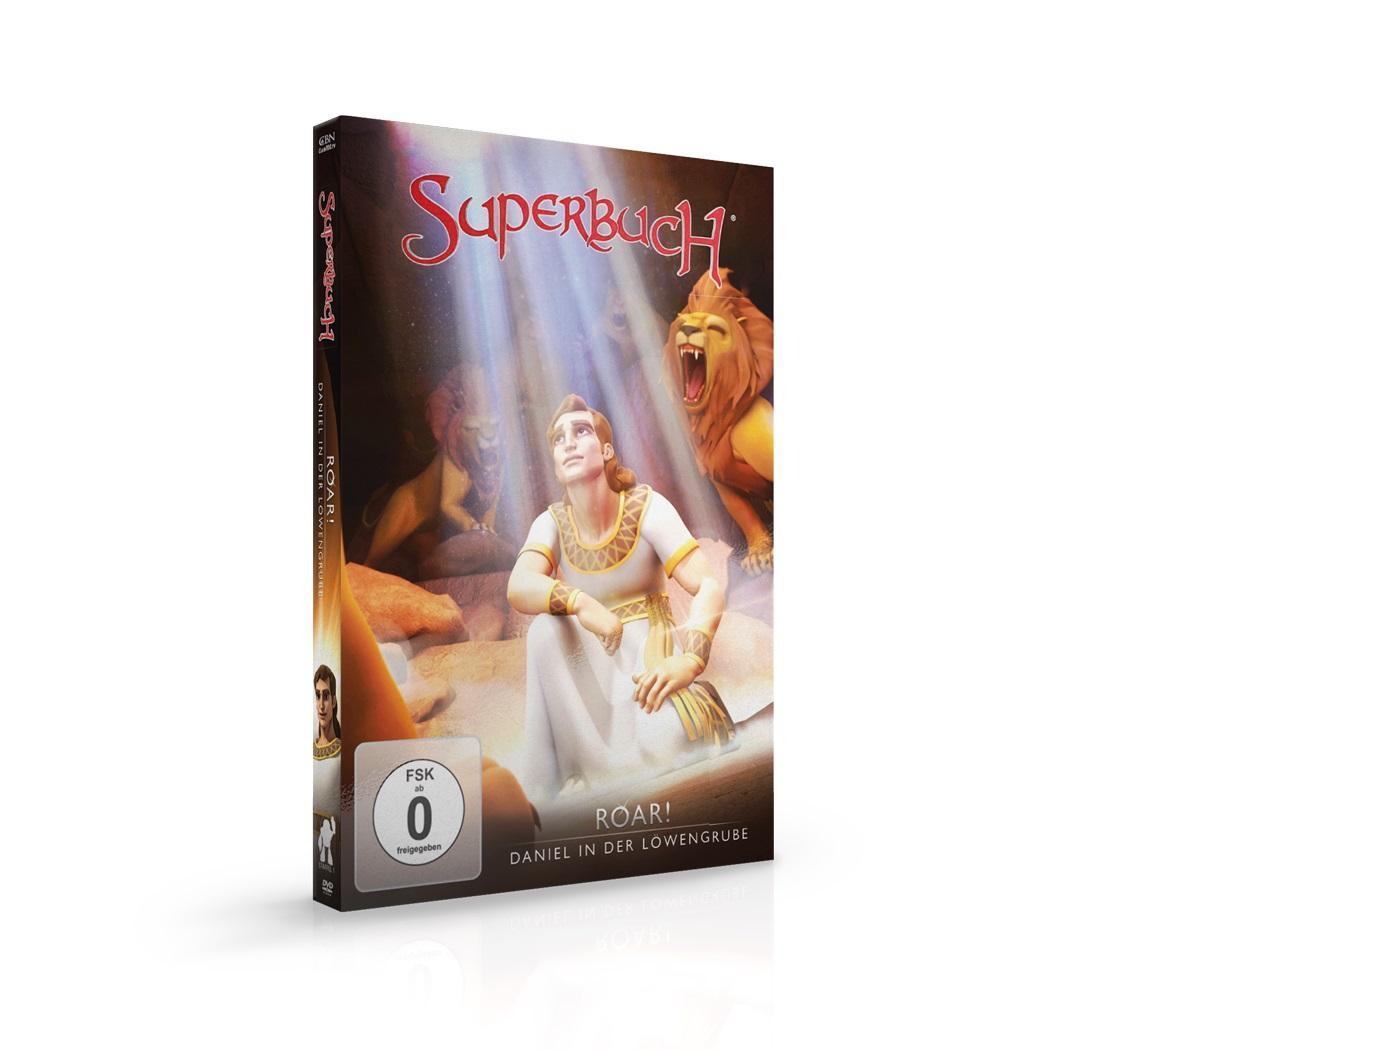 Superbuch – Roar!